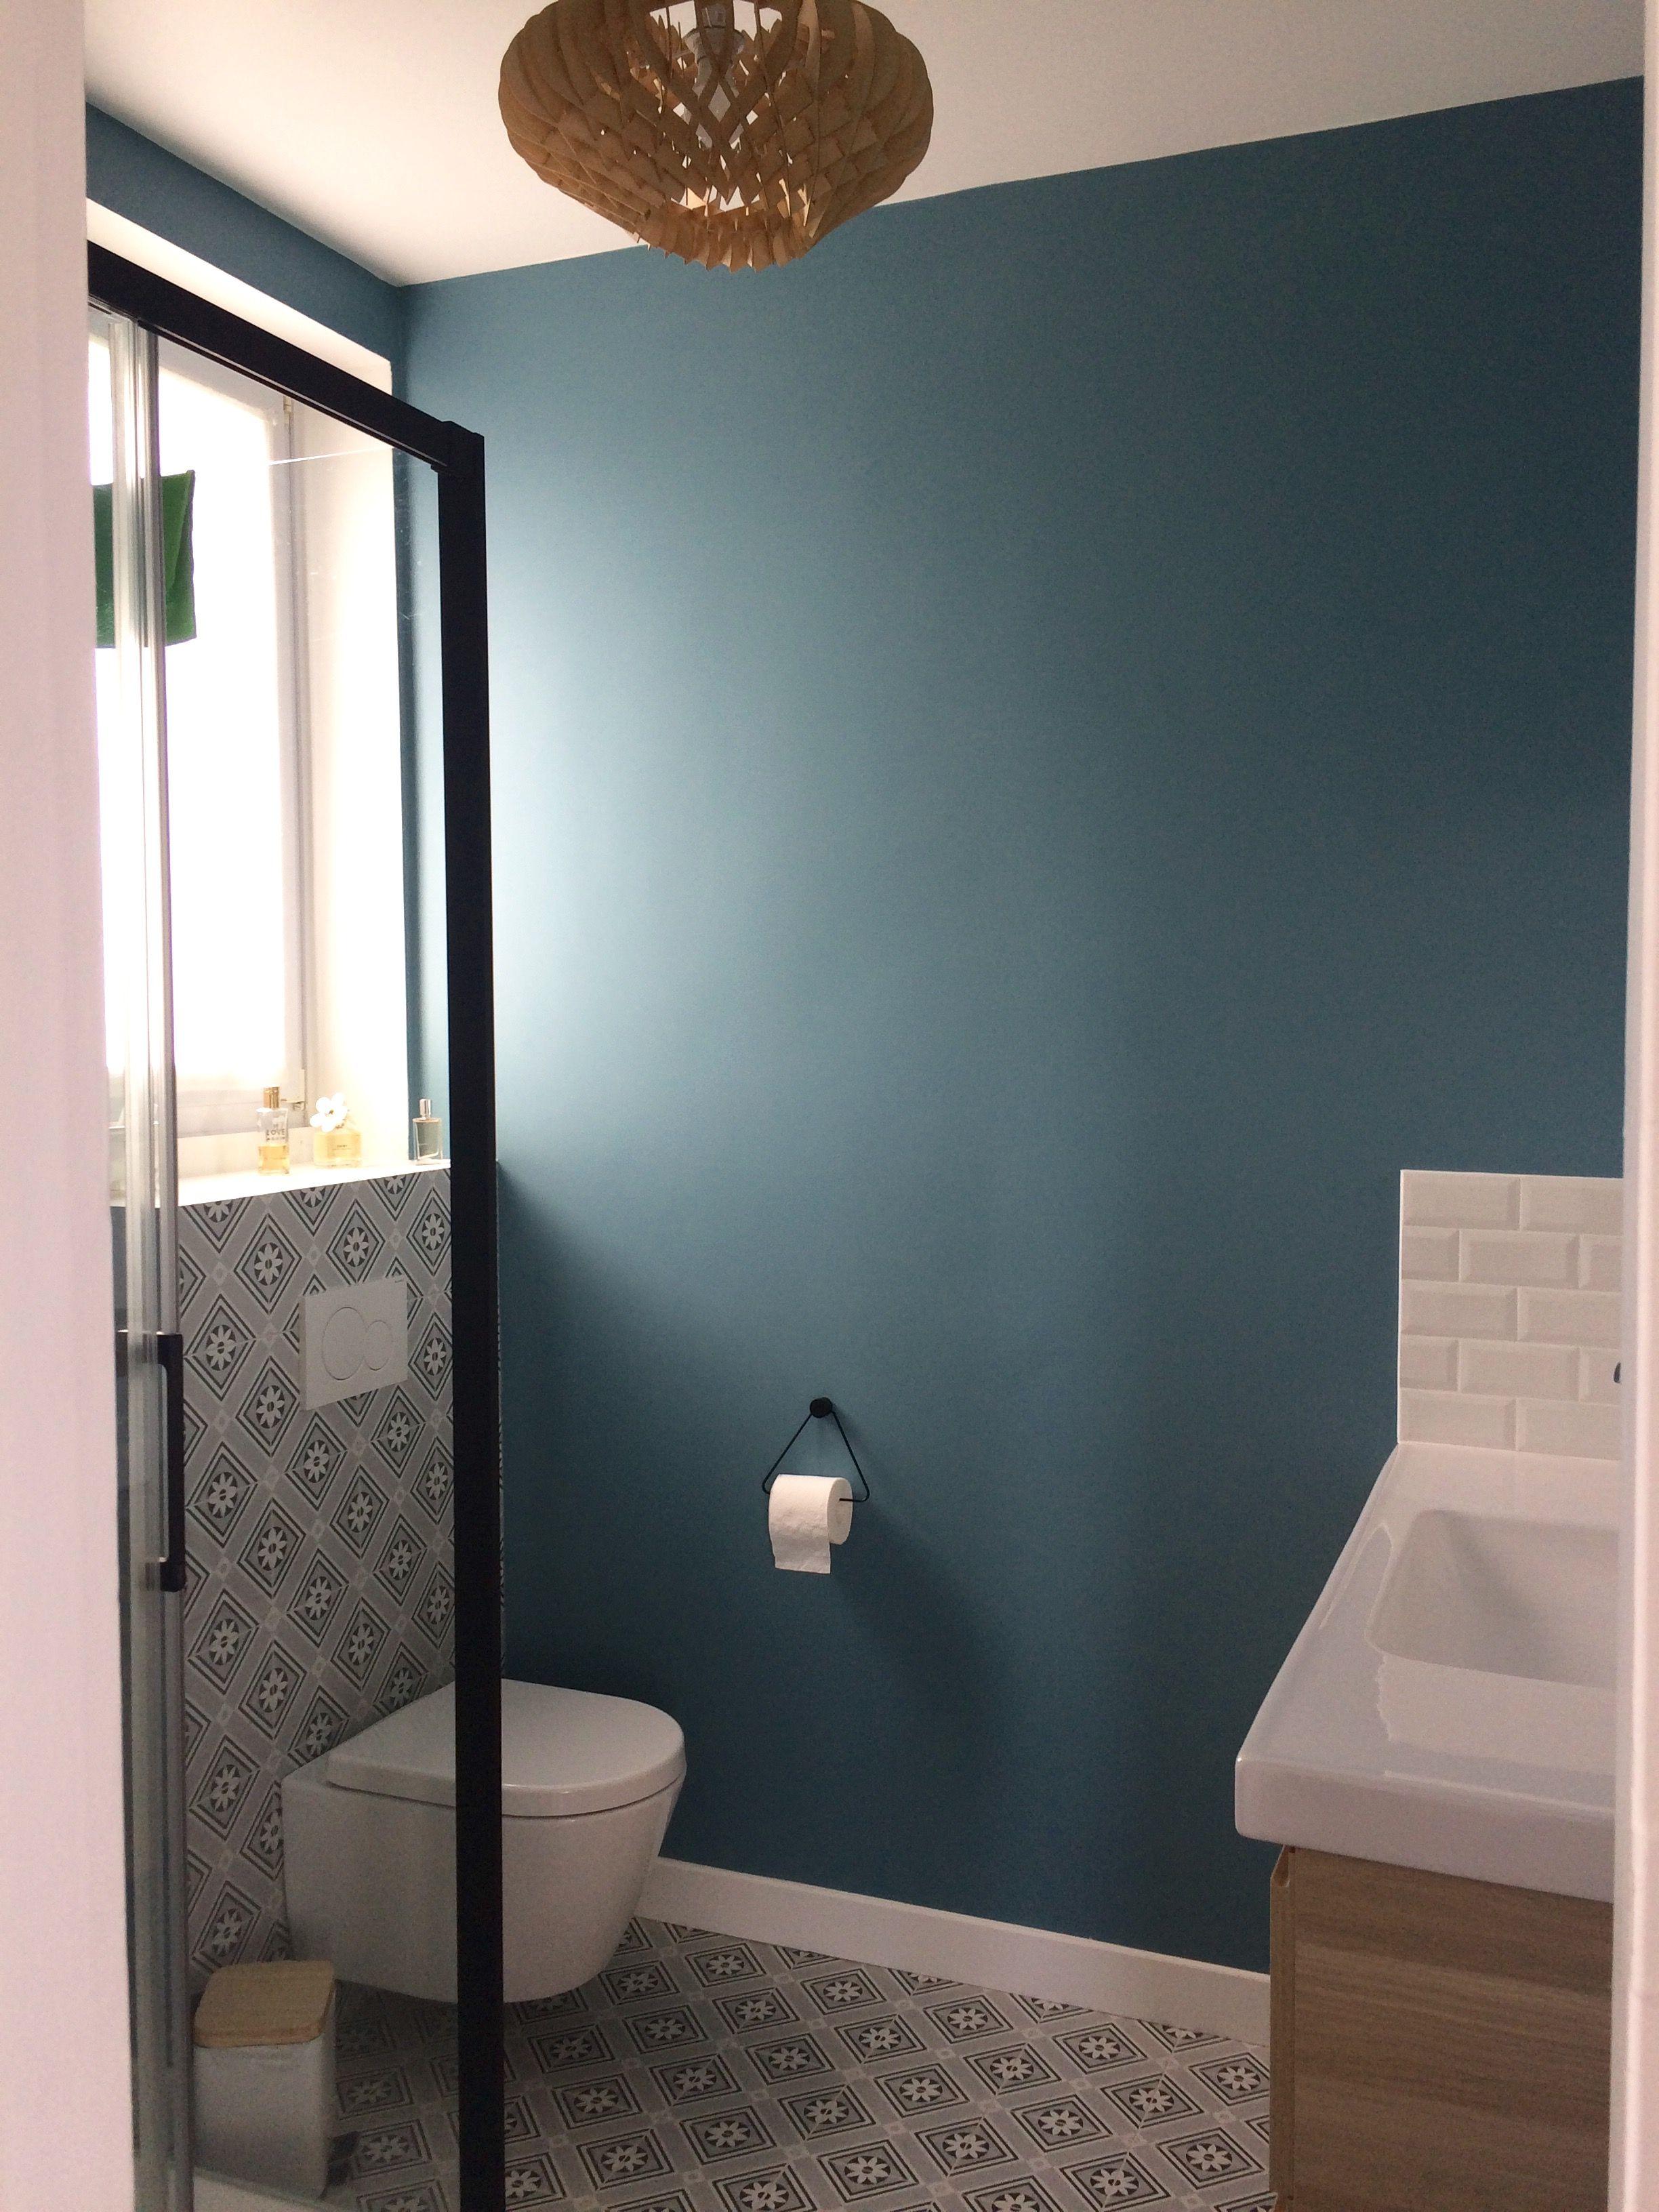 Idee Peinture Petite Salle De Bain ~ salle de bain parentale douche noire meuble bois carreaux de